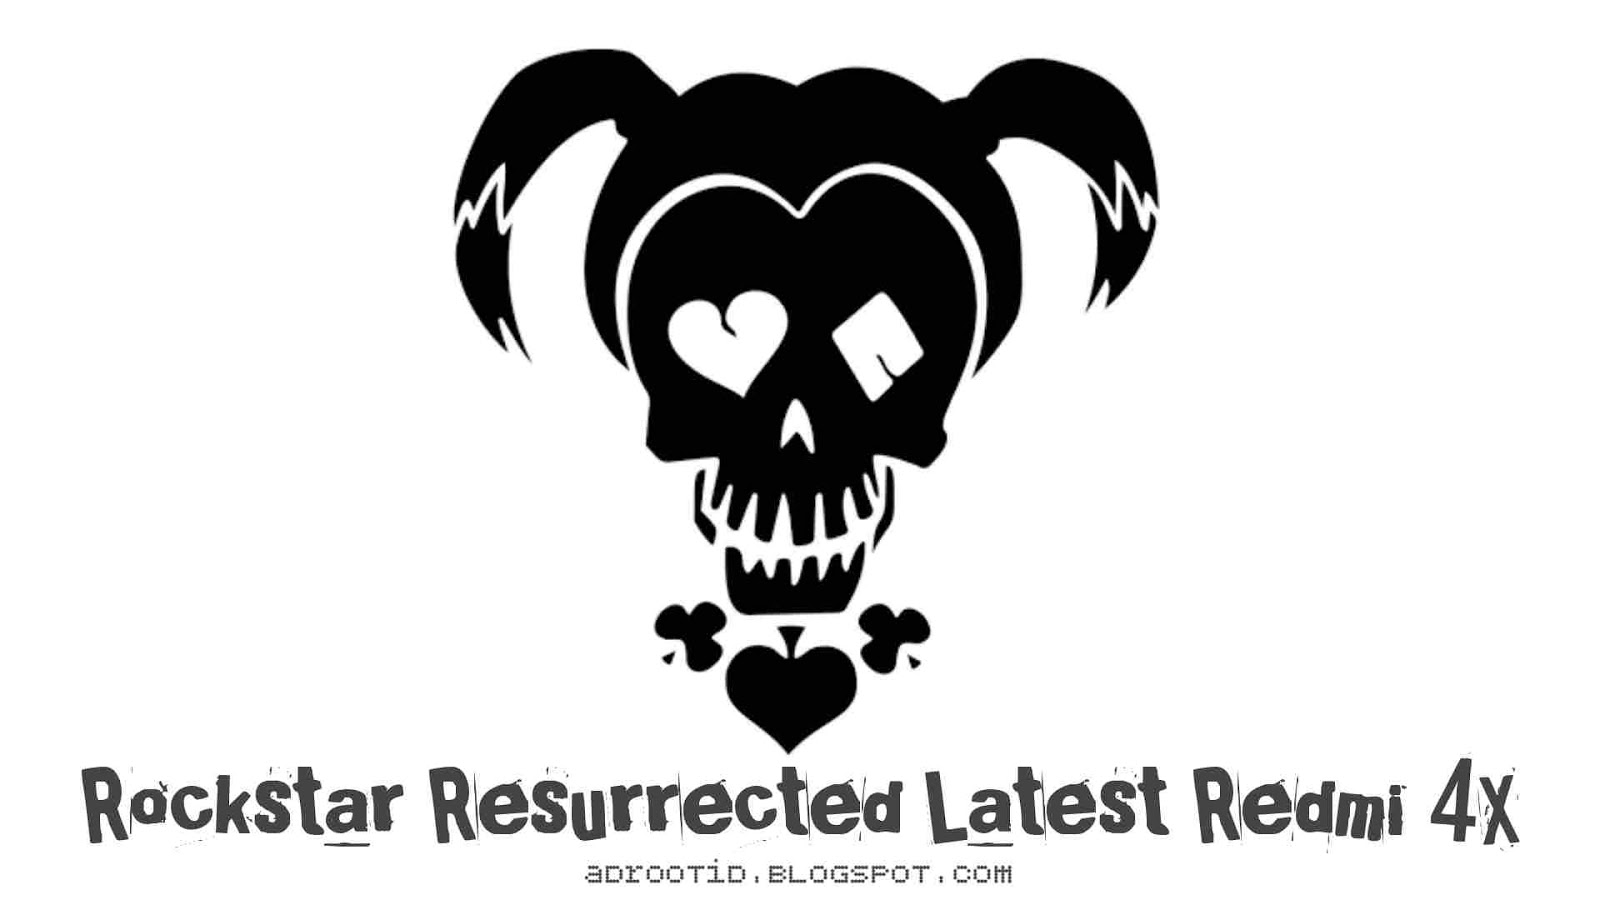 Kernel Rockstar Resurrected Redmi 4X